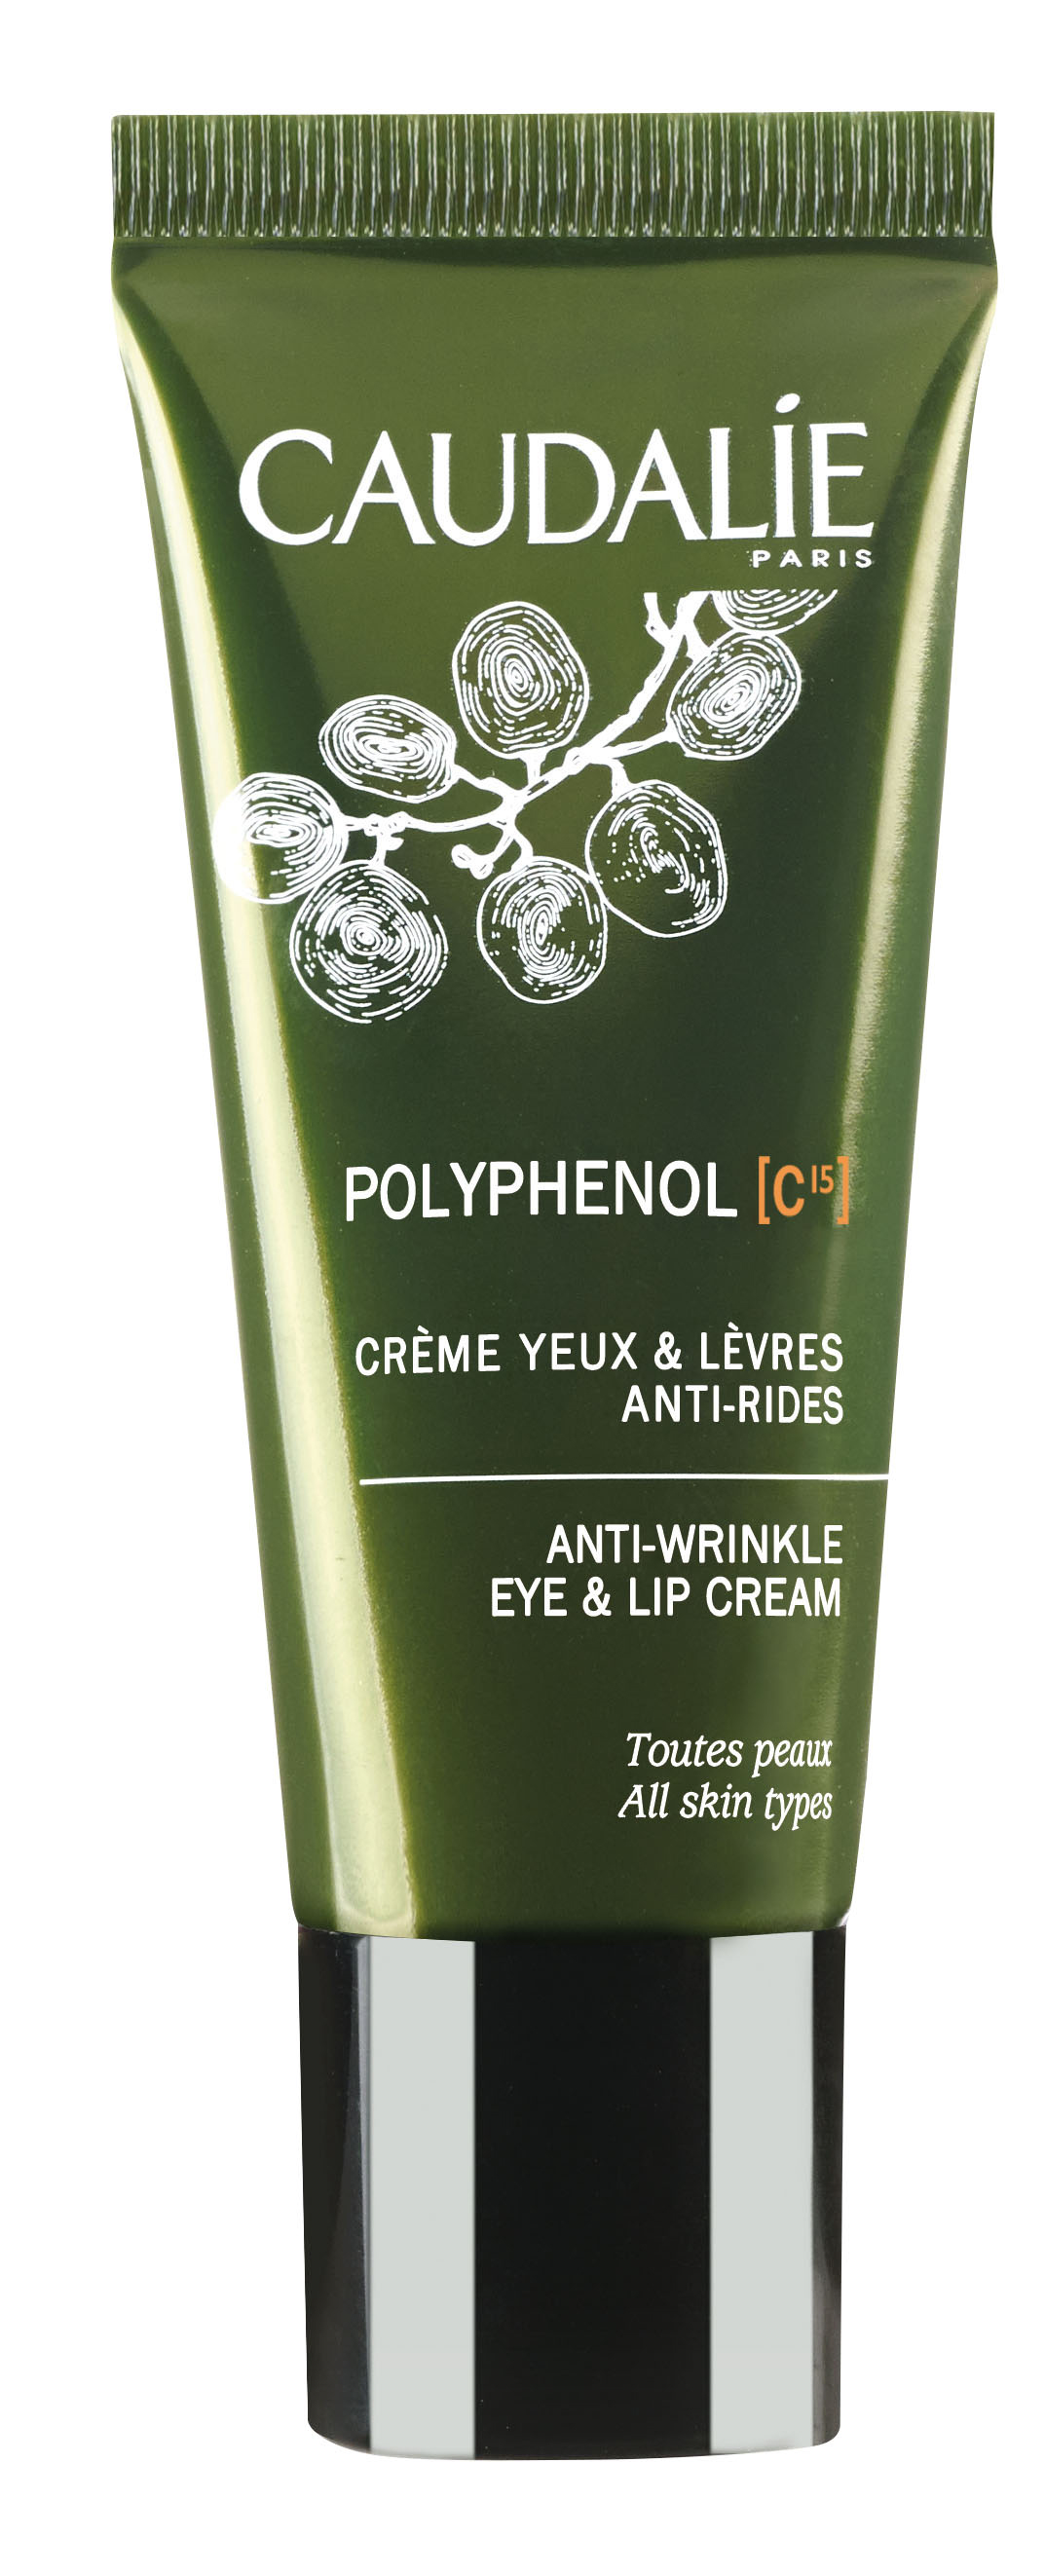 Caudalie - linha Polyphenol C15